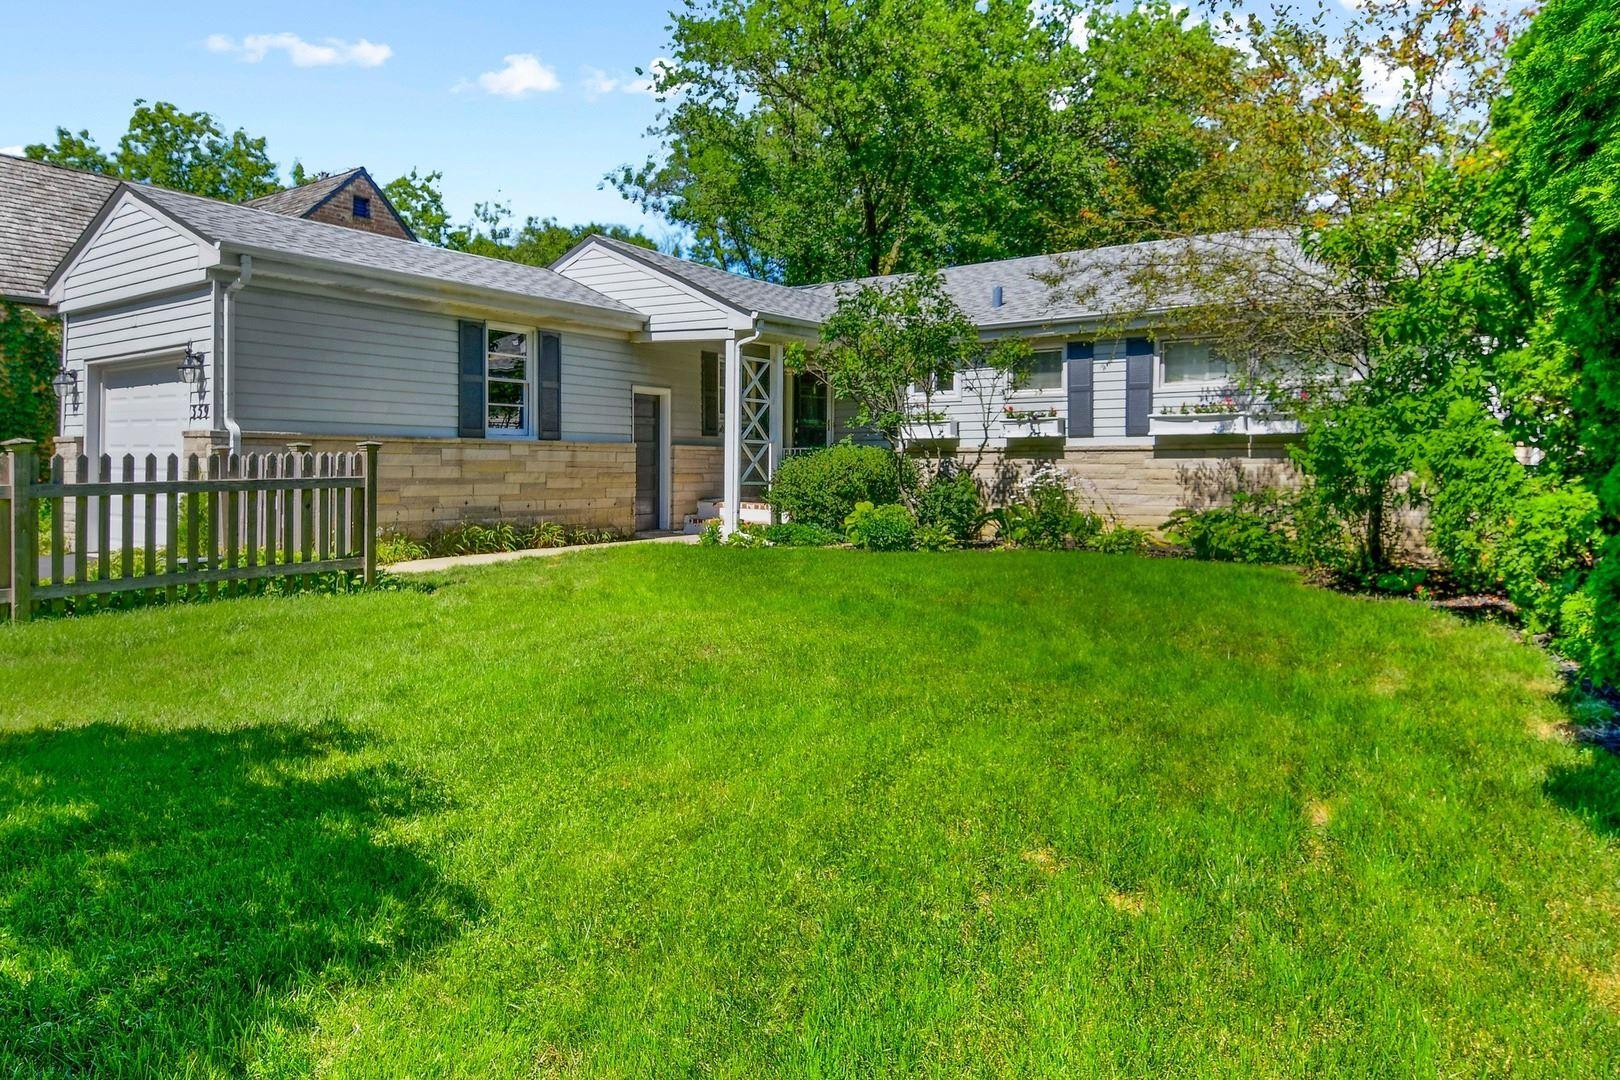 359 Flora Place, Highland Park, IL 60035 - #: 10796158